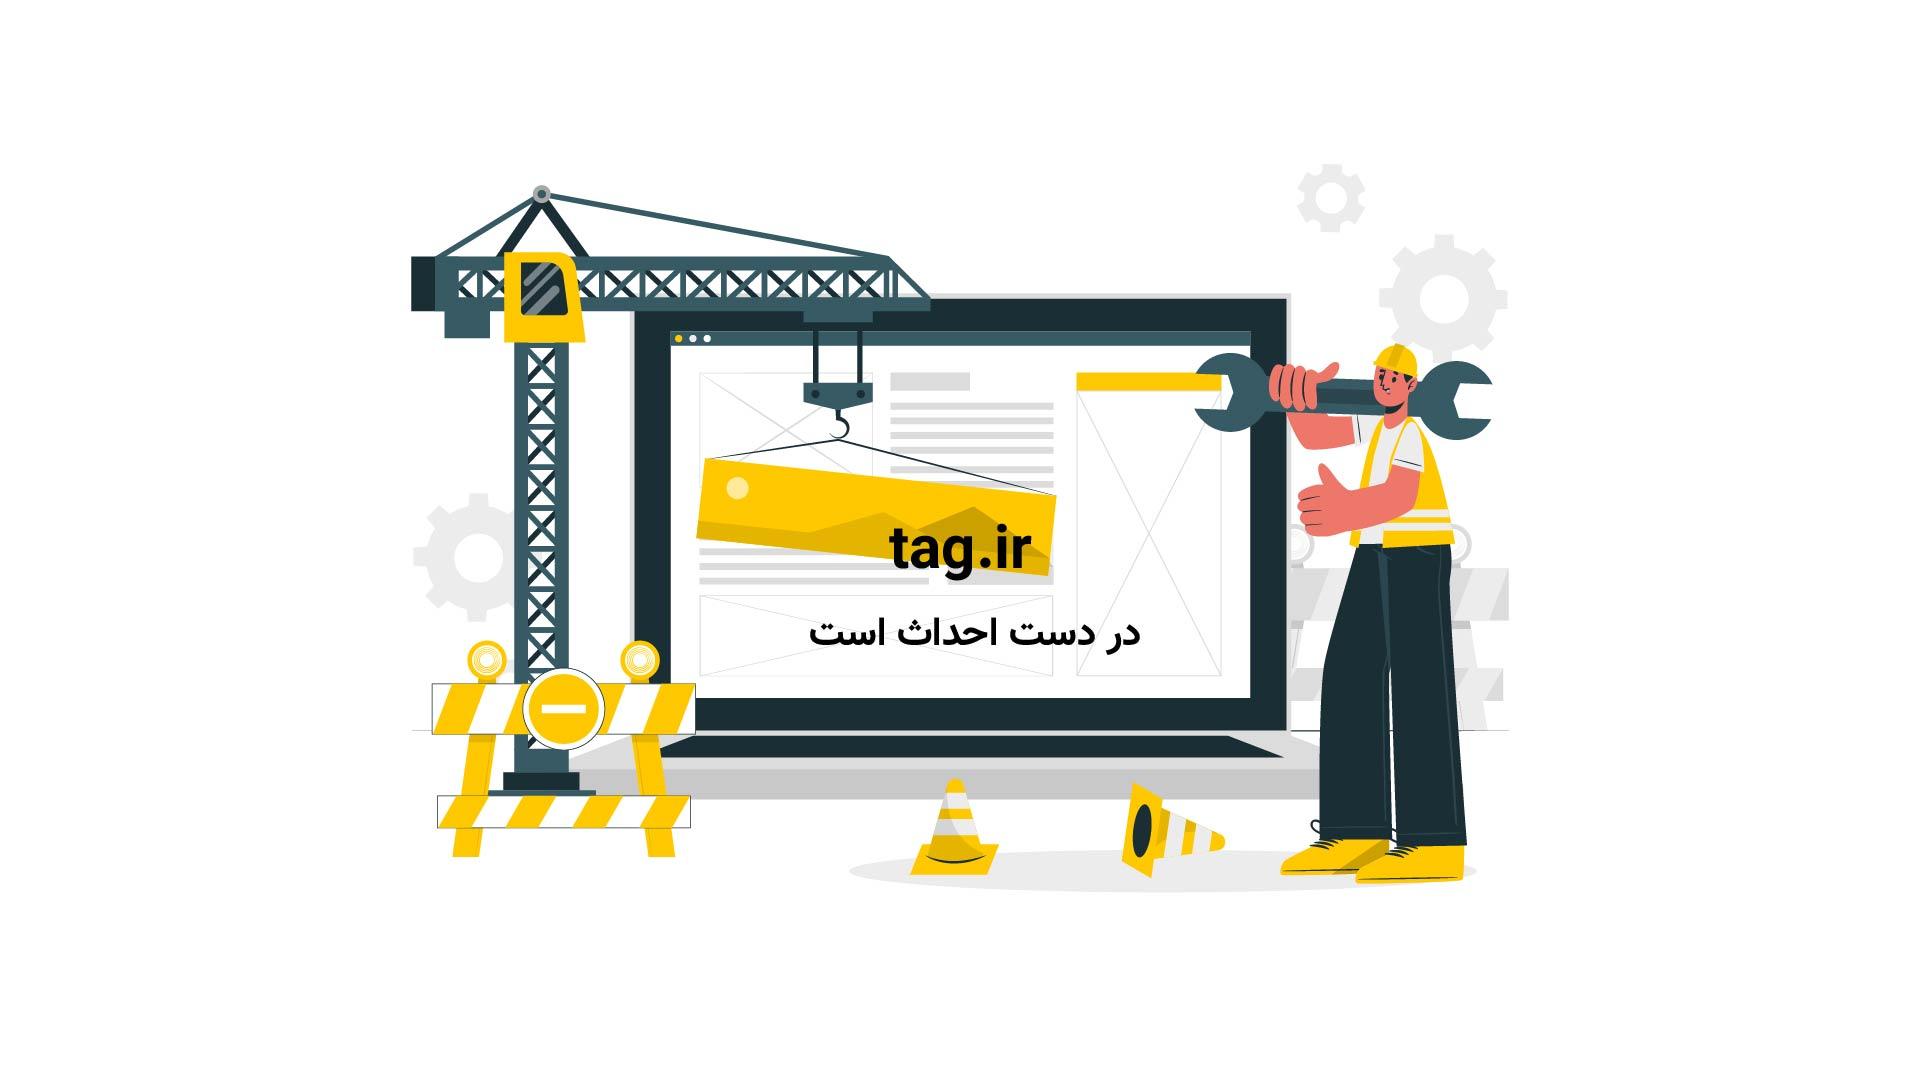 مسجد+آلمان   تگ